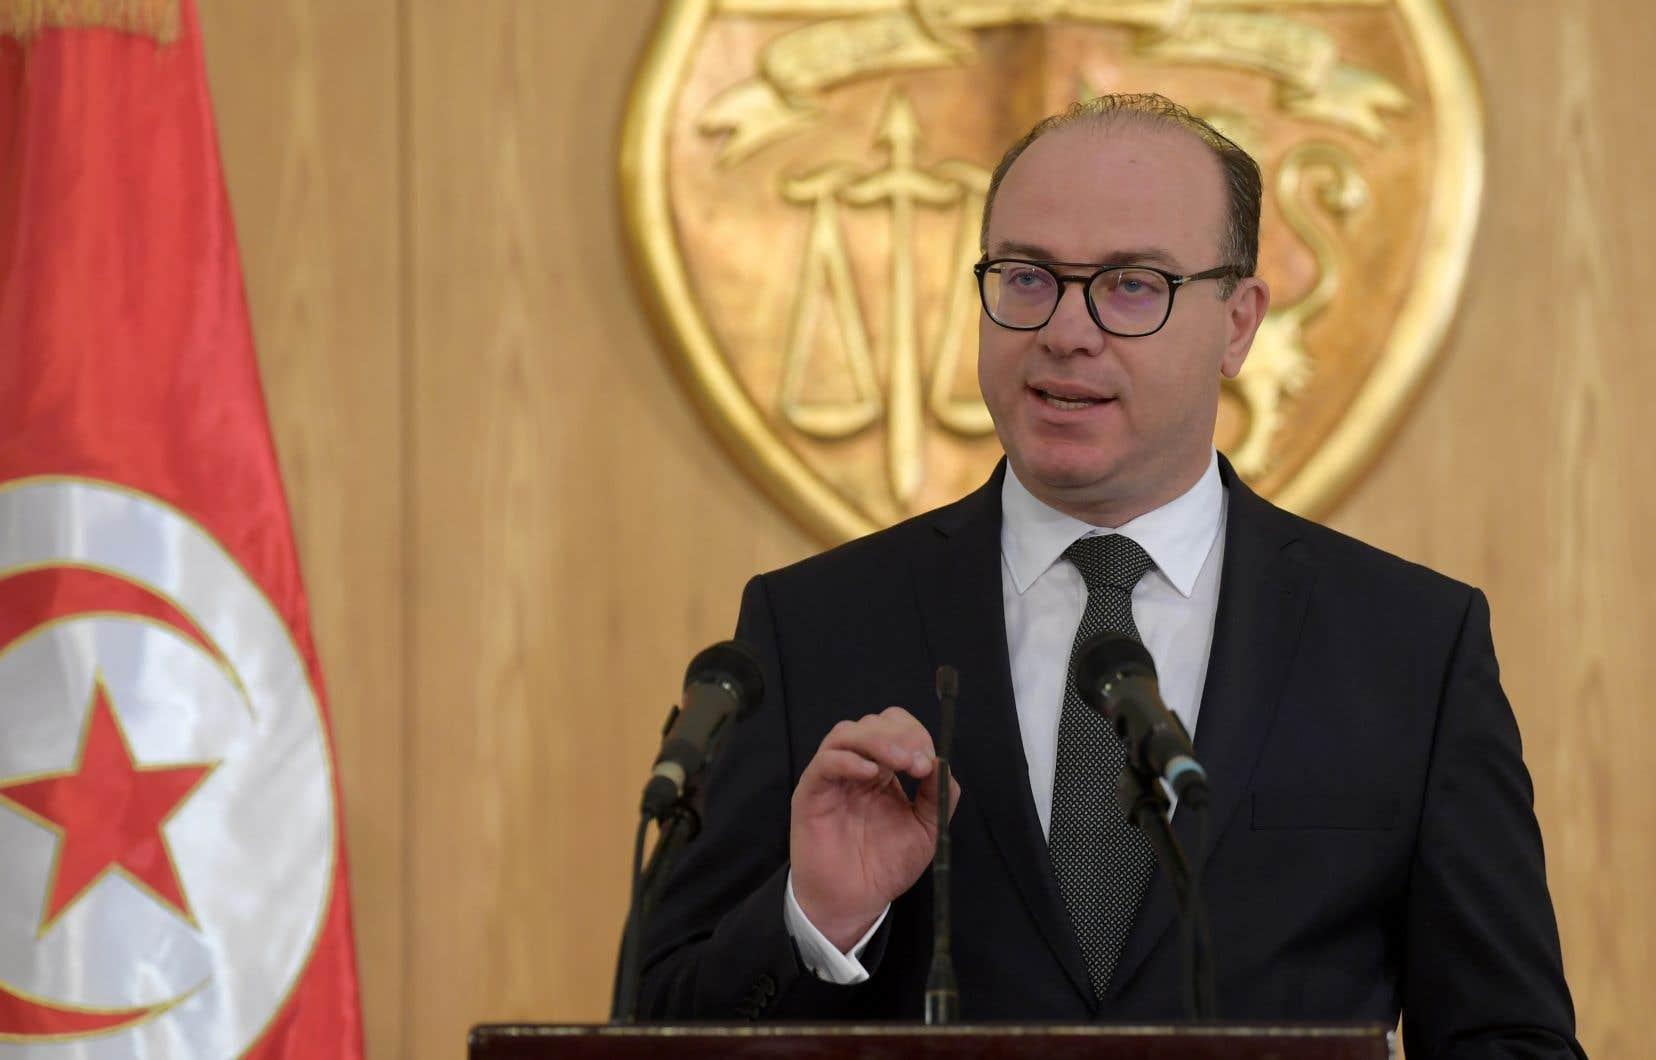 Le premier ministre tunisien désigné Elyes Fakhfakh été nommé le 20 janvier par le président Kais Saied pour former dans un délai d'un mois un cabinet susceptible de convaincre la majorité des députés.